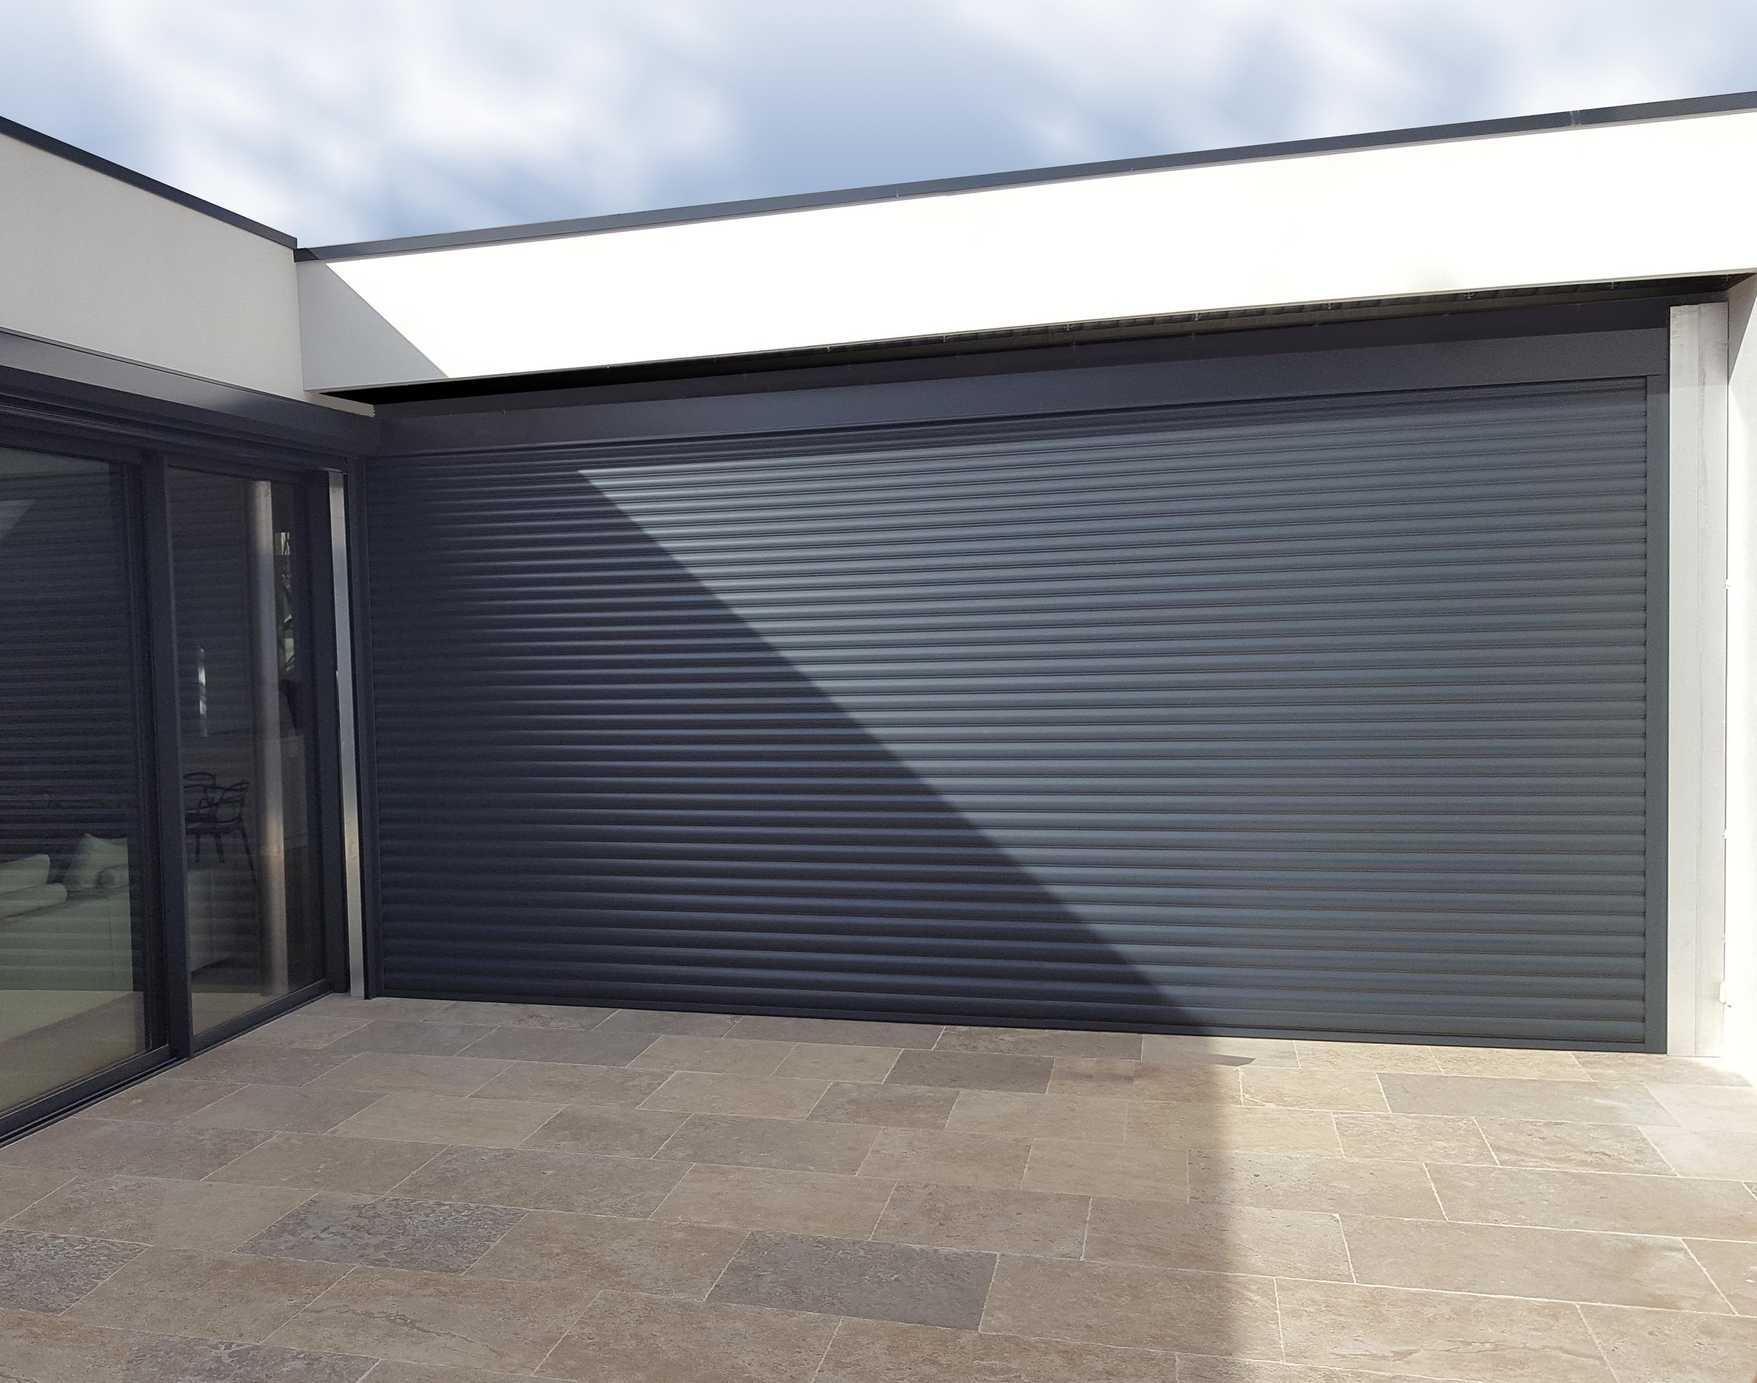 volet roulant grande hauteur stunning aluminium baie vitre aluminium with volet roulant grande. Black Bedroom Furniture Sets. Home Design Ideas